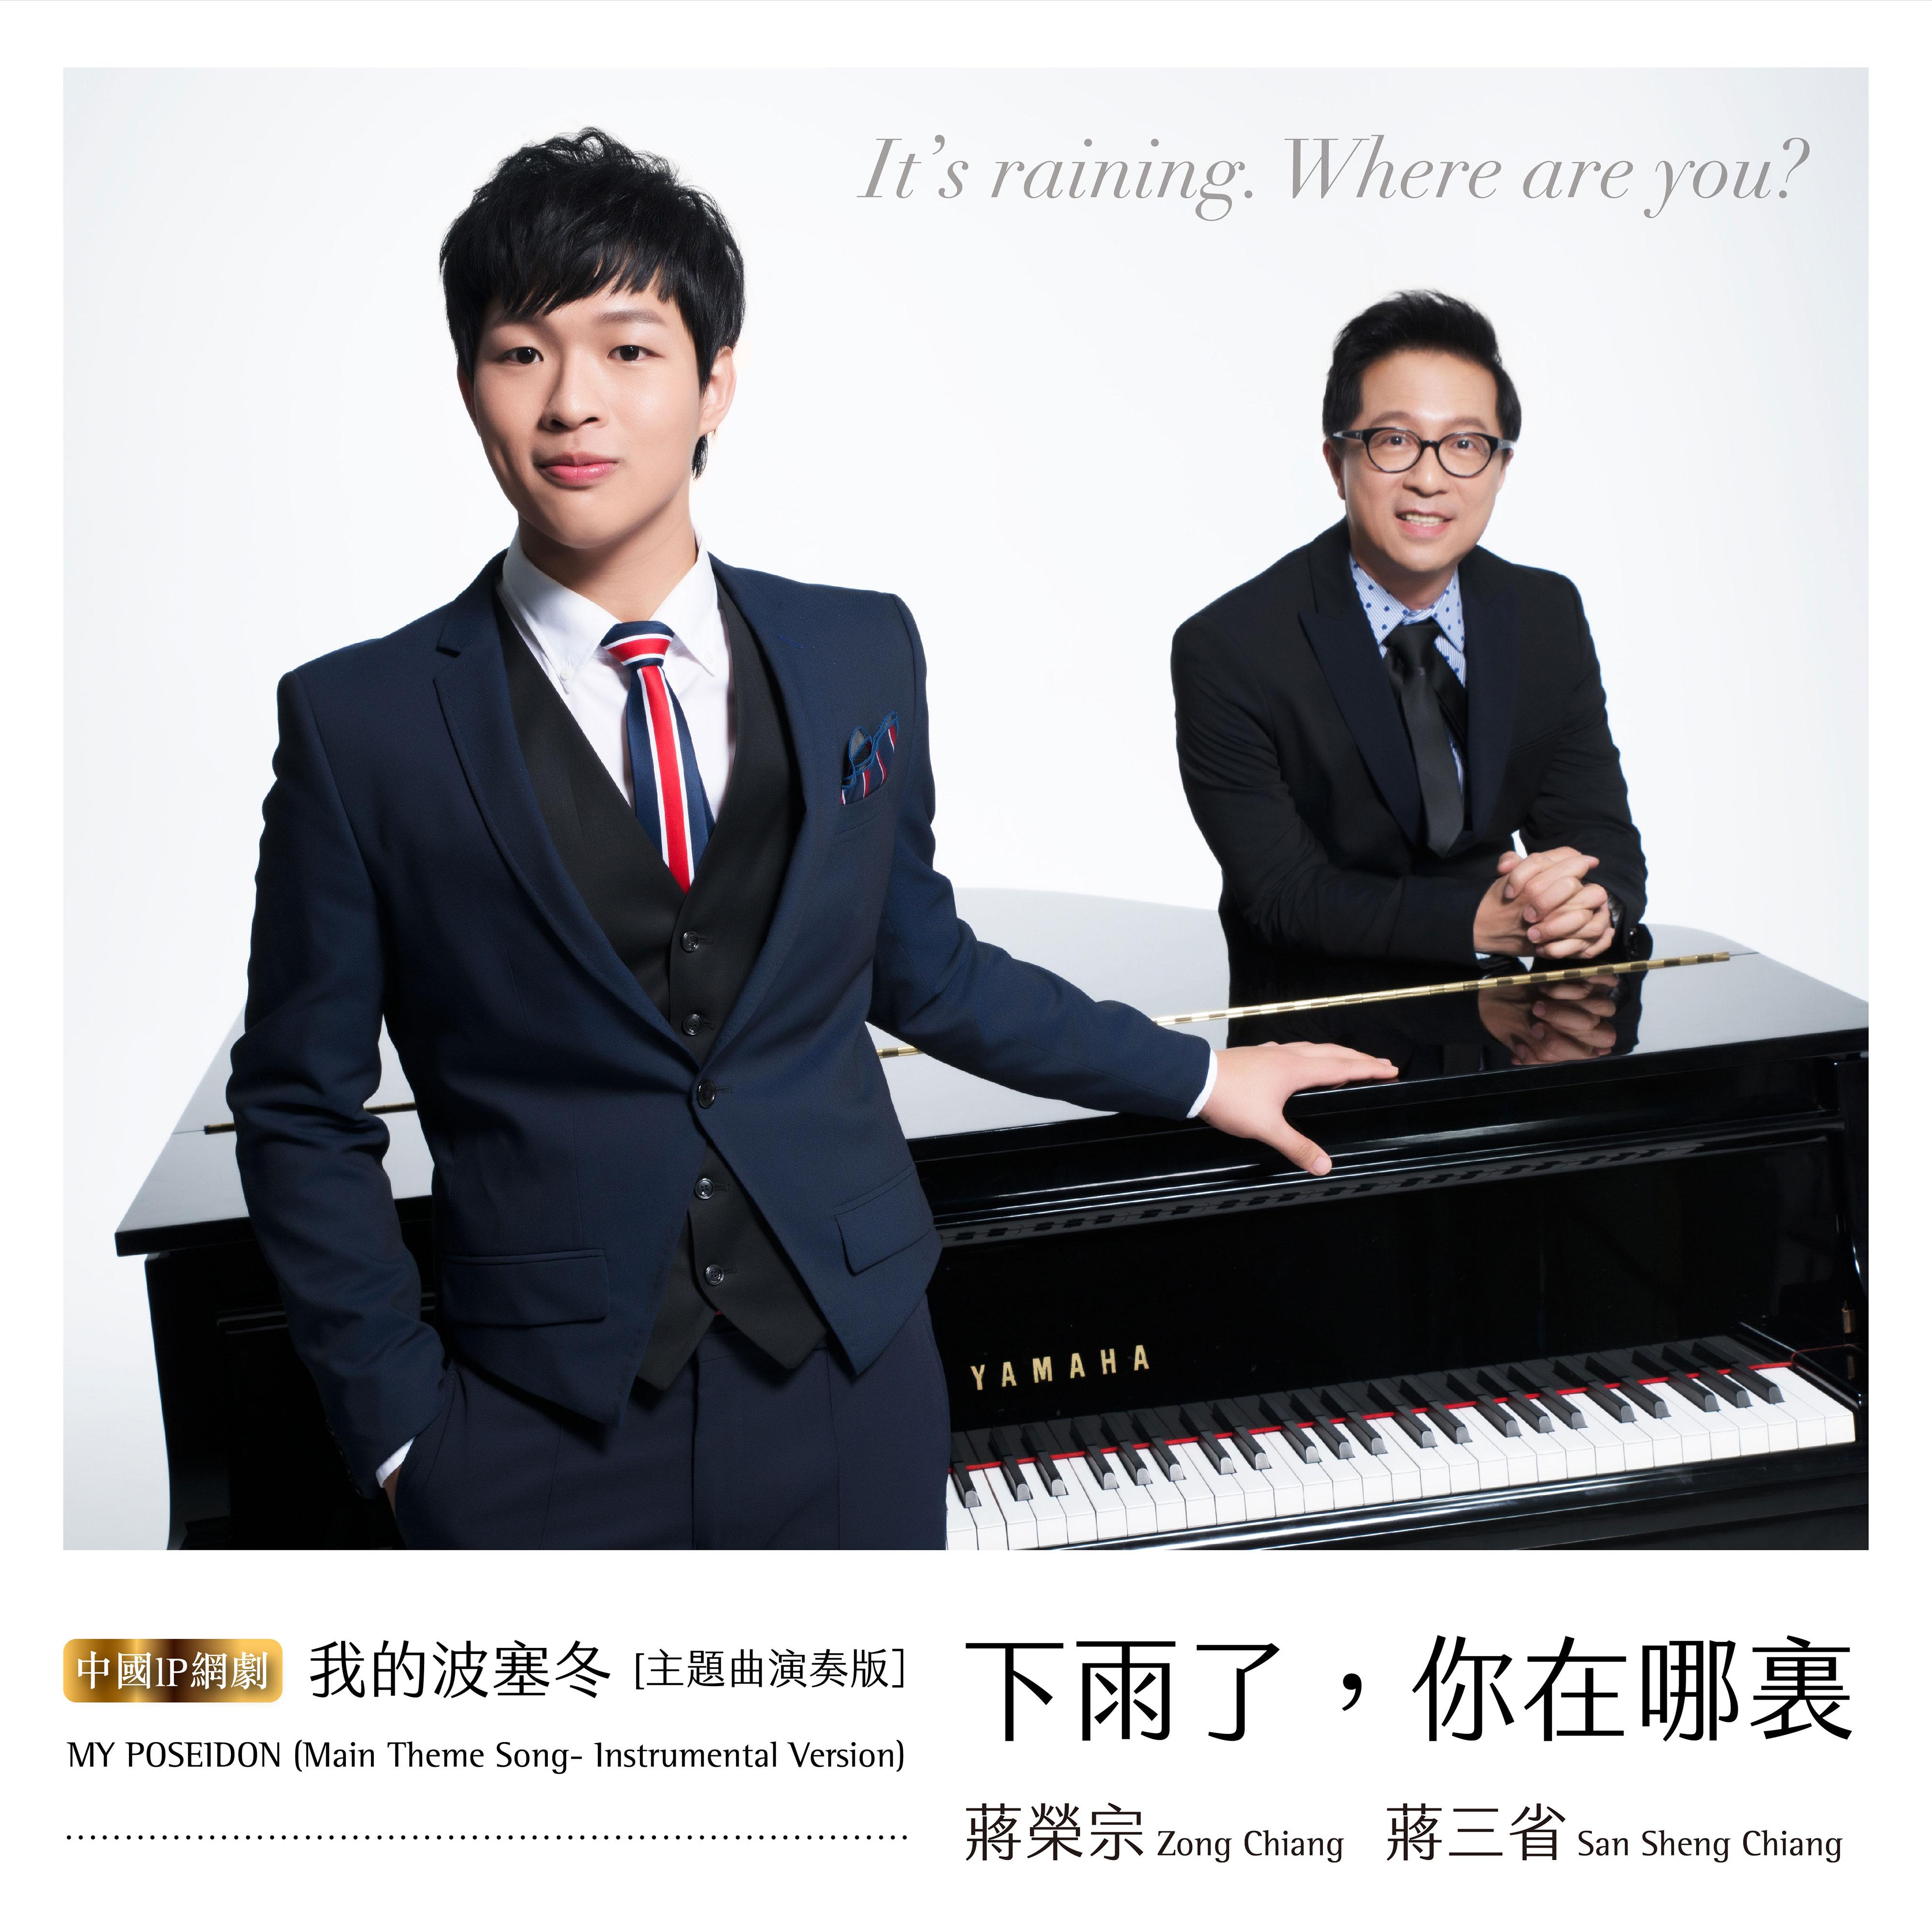 蒋三省|蒋荣宗:下雨了,你在哪里?